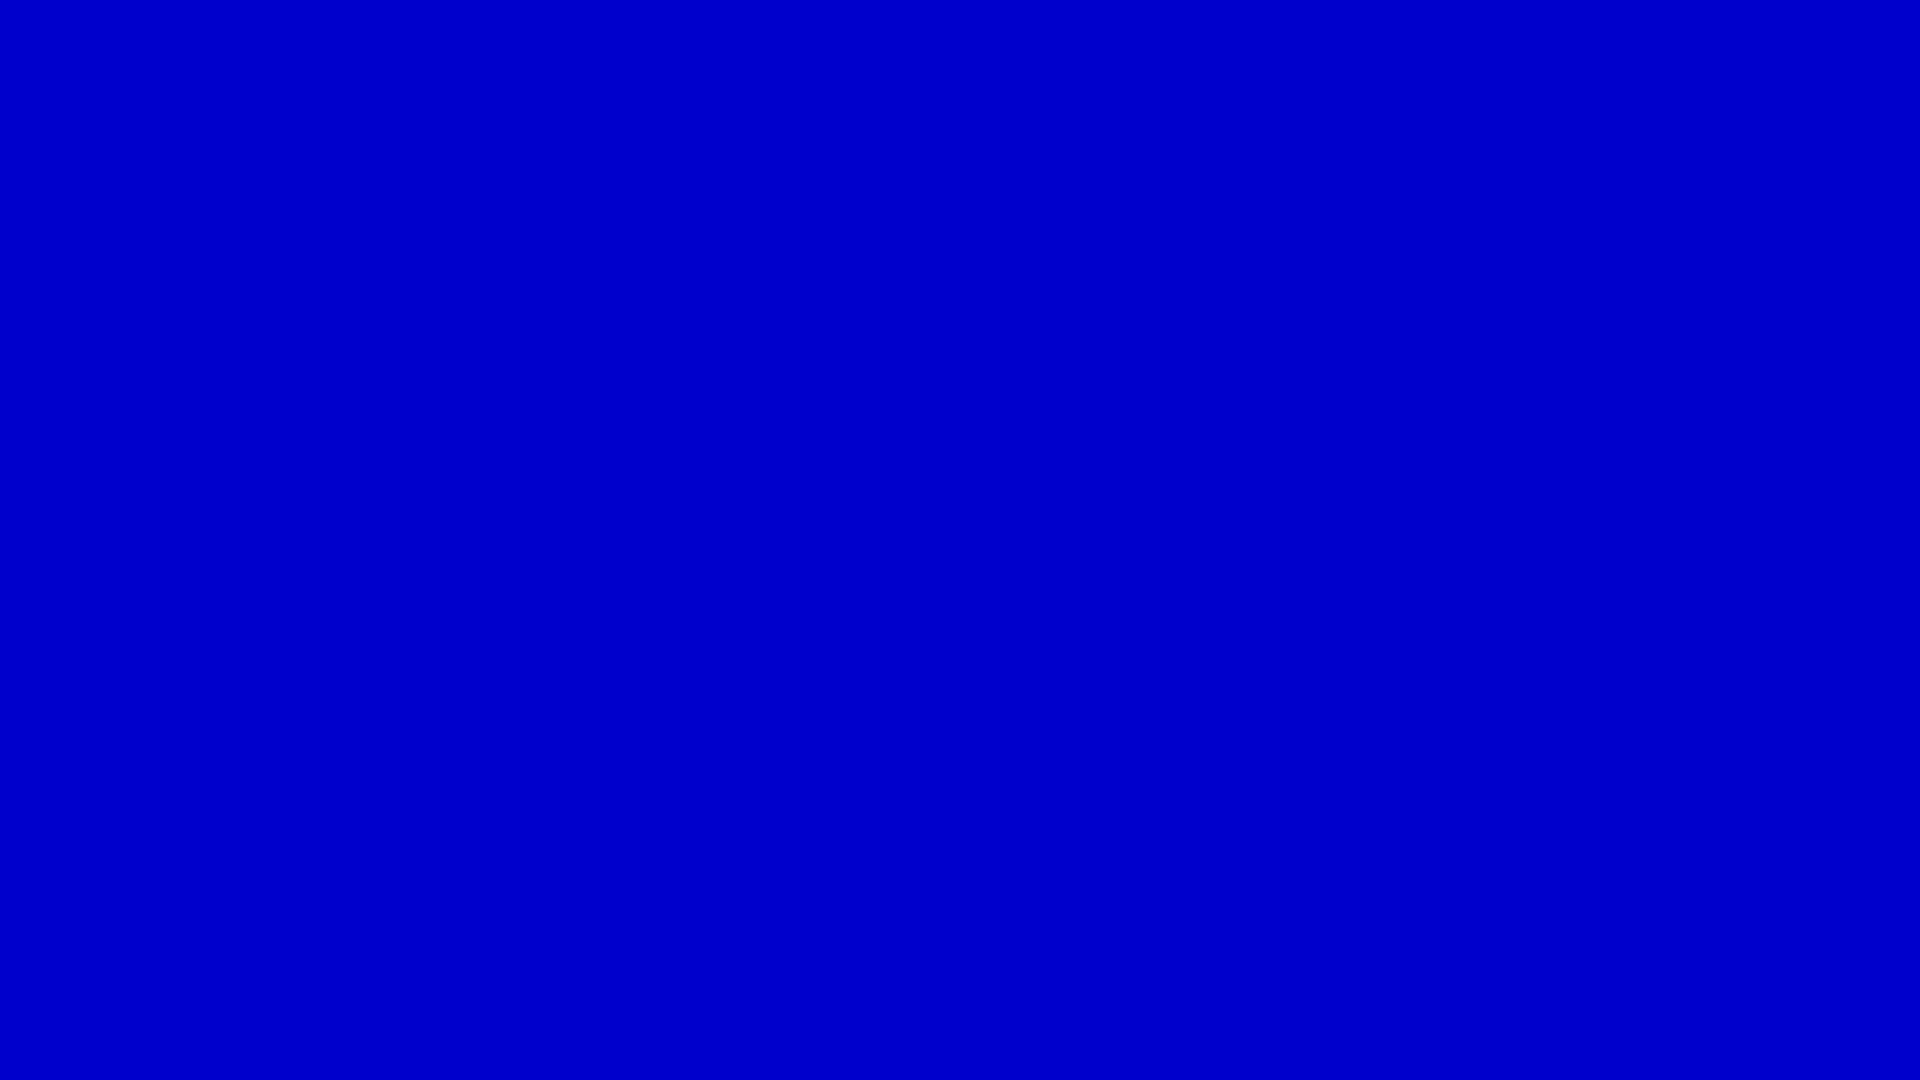 Image Result For Download Image Background